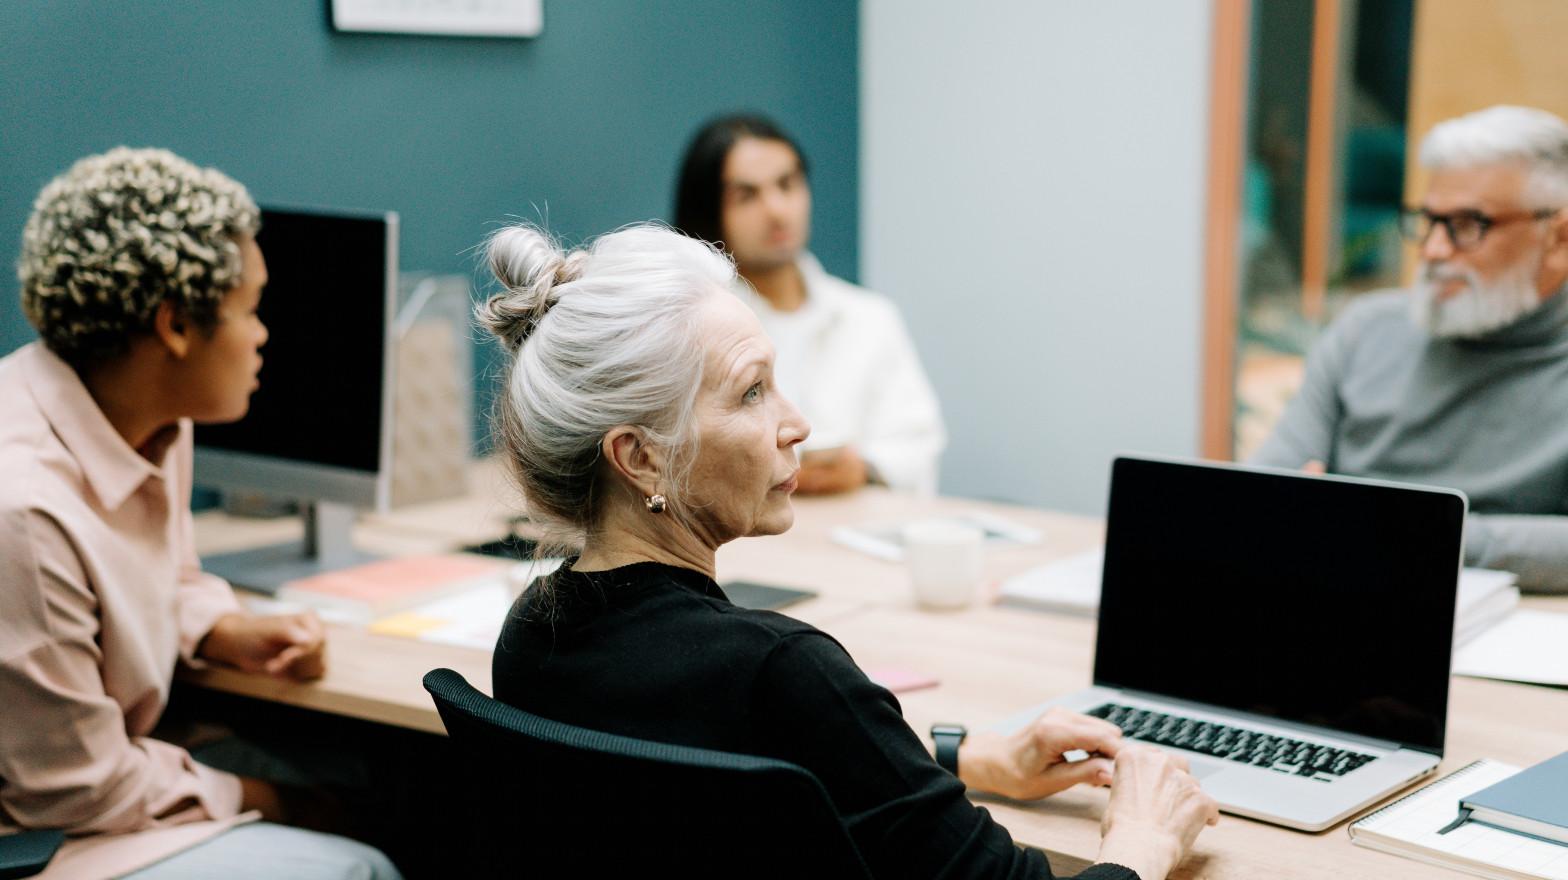 El salario bruto por hora de las mujeres es un 14,1% inferior al de los hombres en la UE